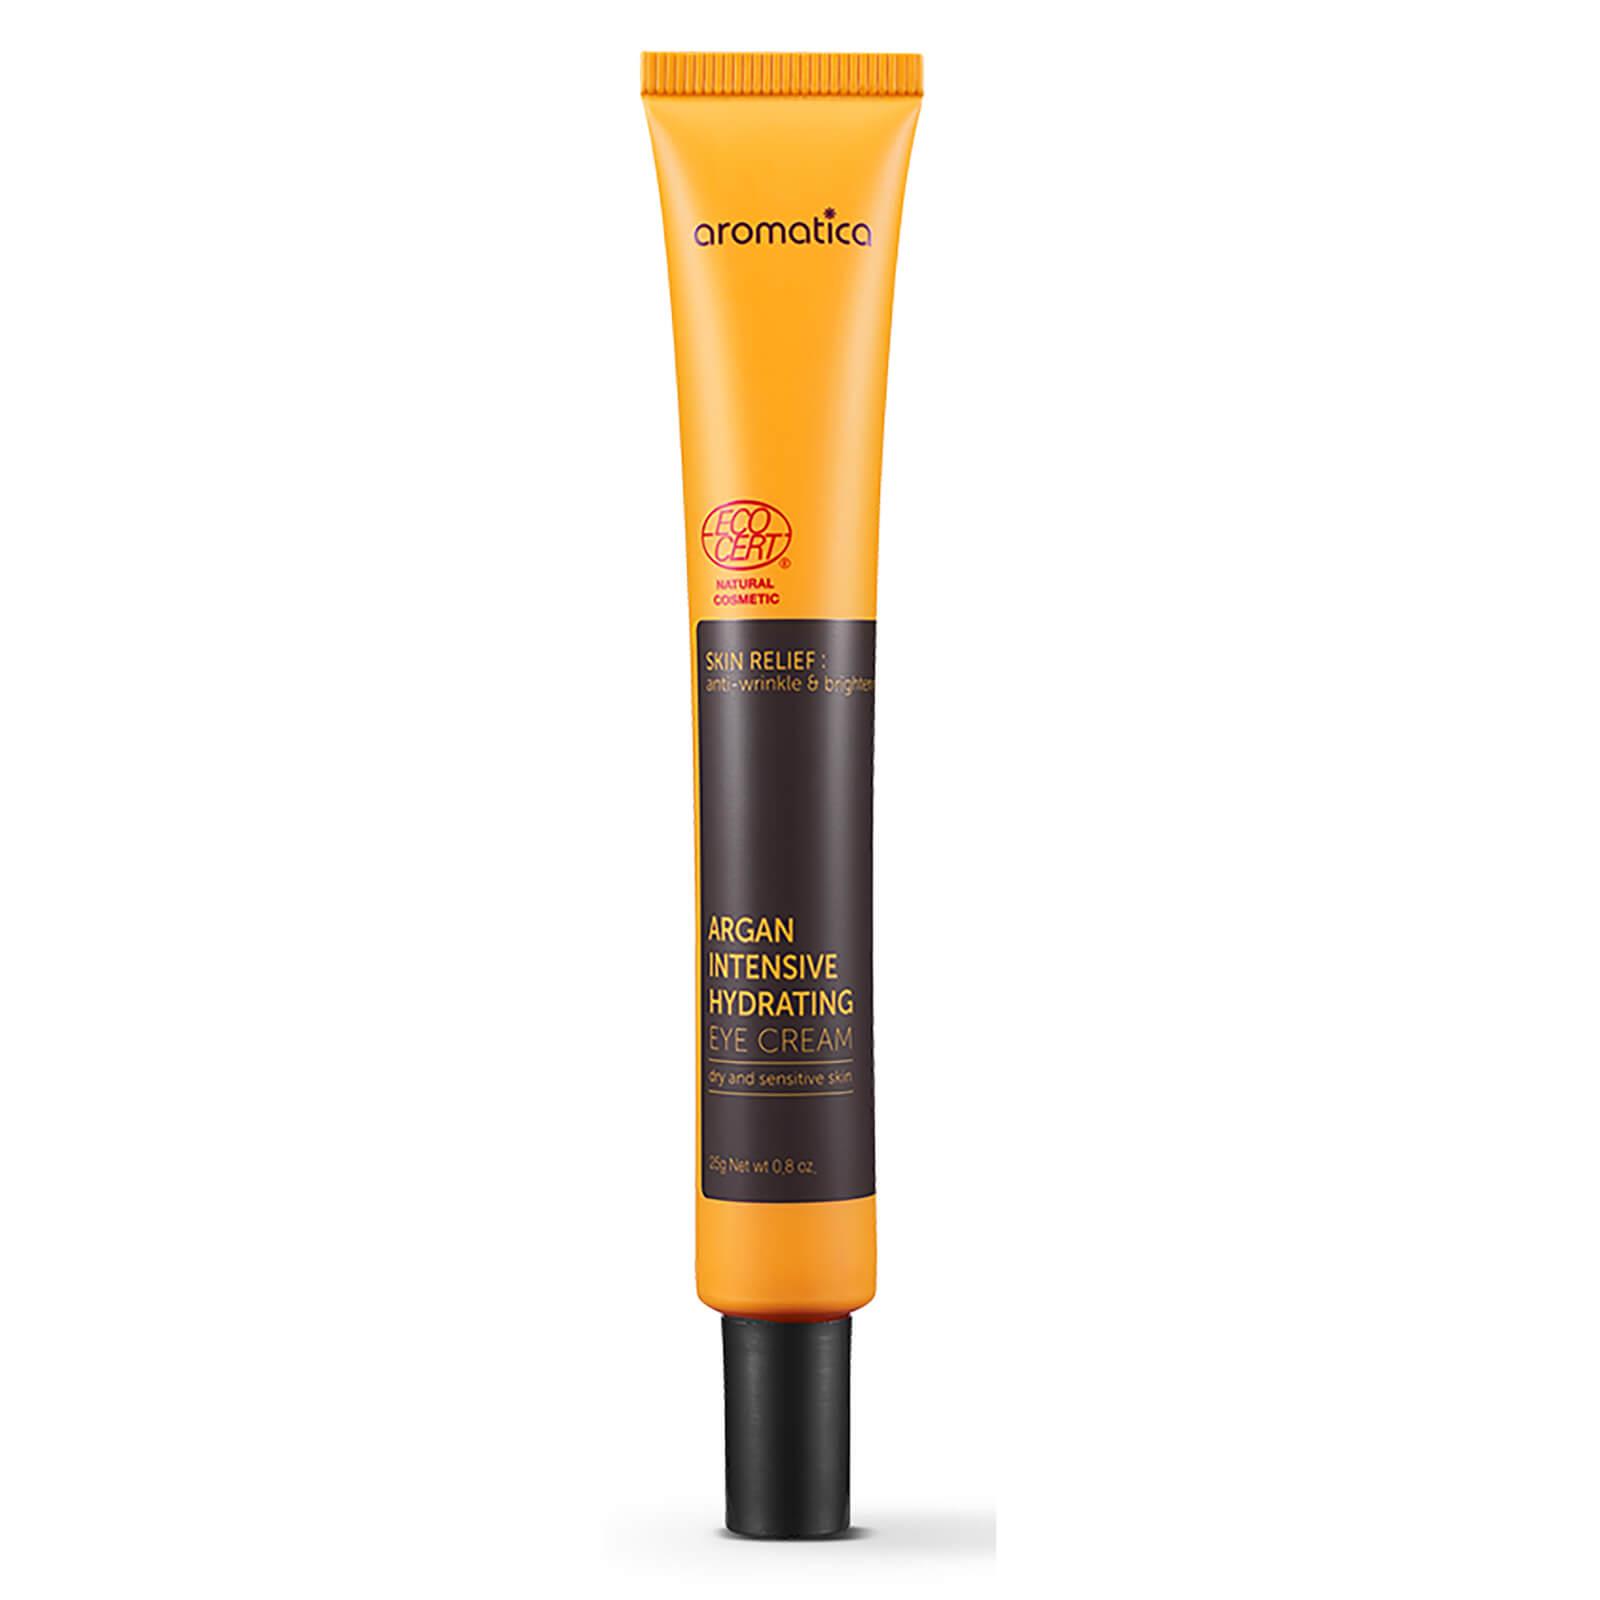 Купить Интенсивный увлажняющий крем для кожи вокруг глаз AROMATICA Argan Intensive Hydrating Eye Cream 25 г